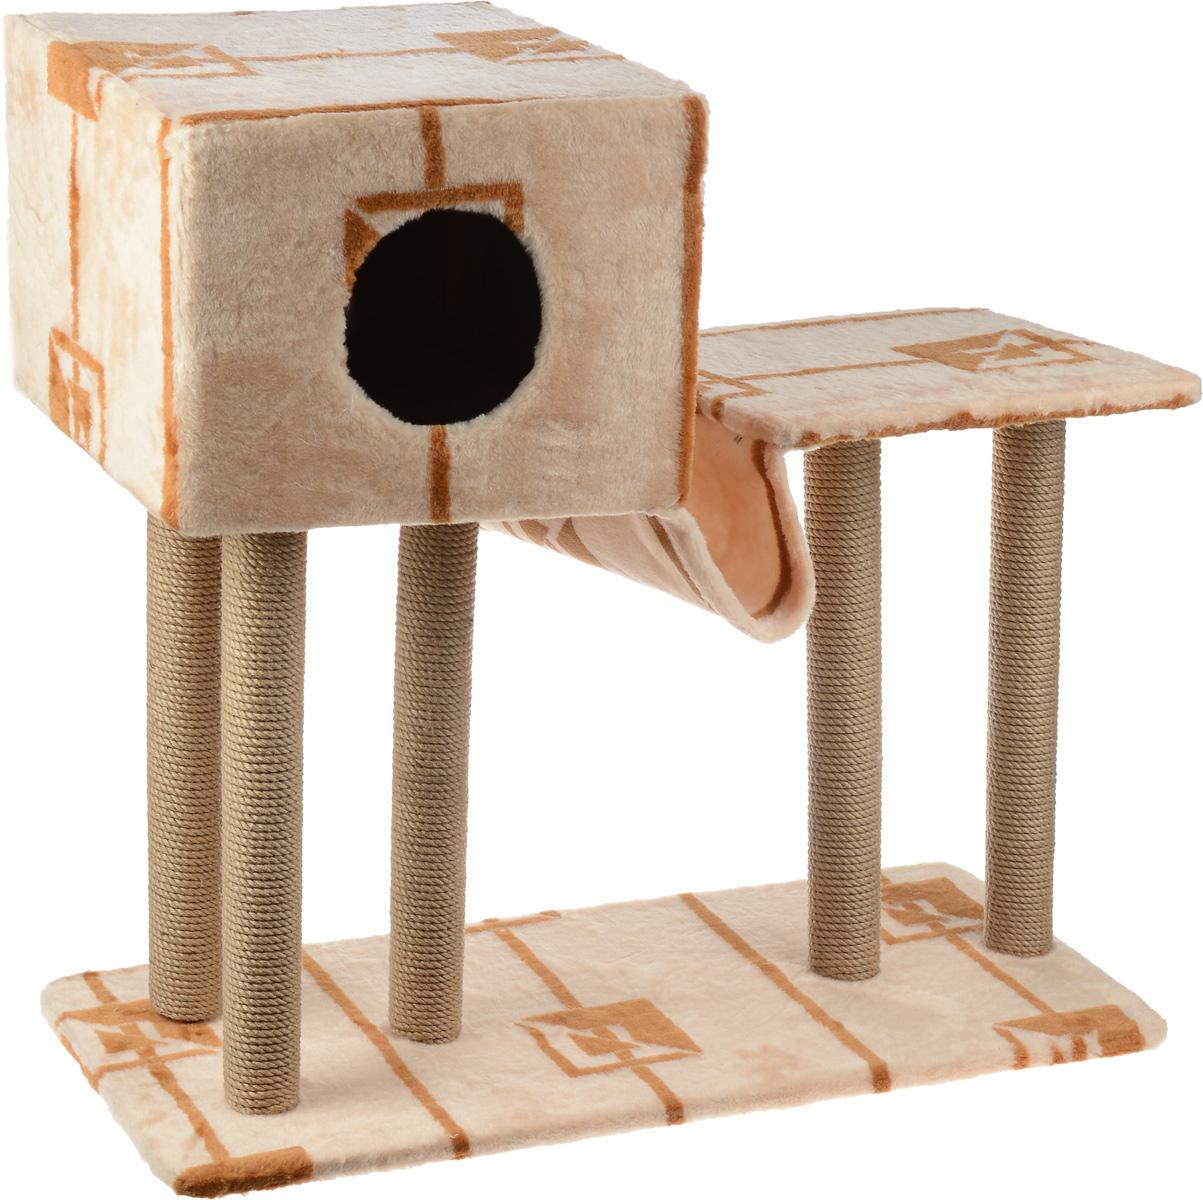 Игровой комплекс для кошек  Меридиан , с домиком и гамаком, цвет: бежевый, коричневый, 90 х 40 х 80 см